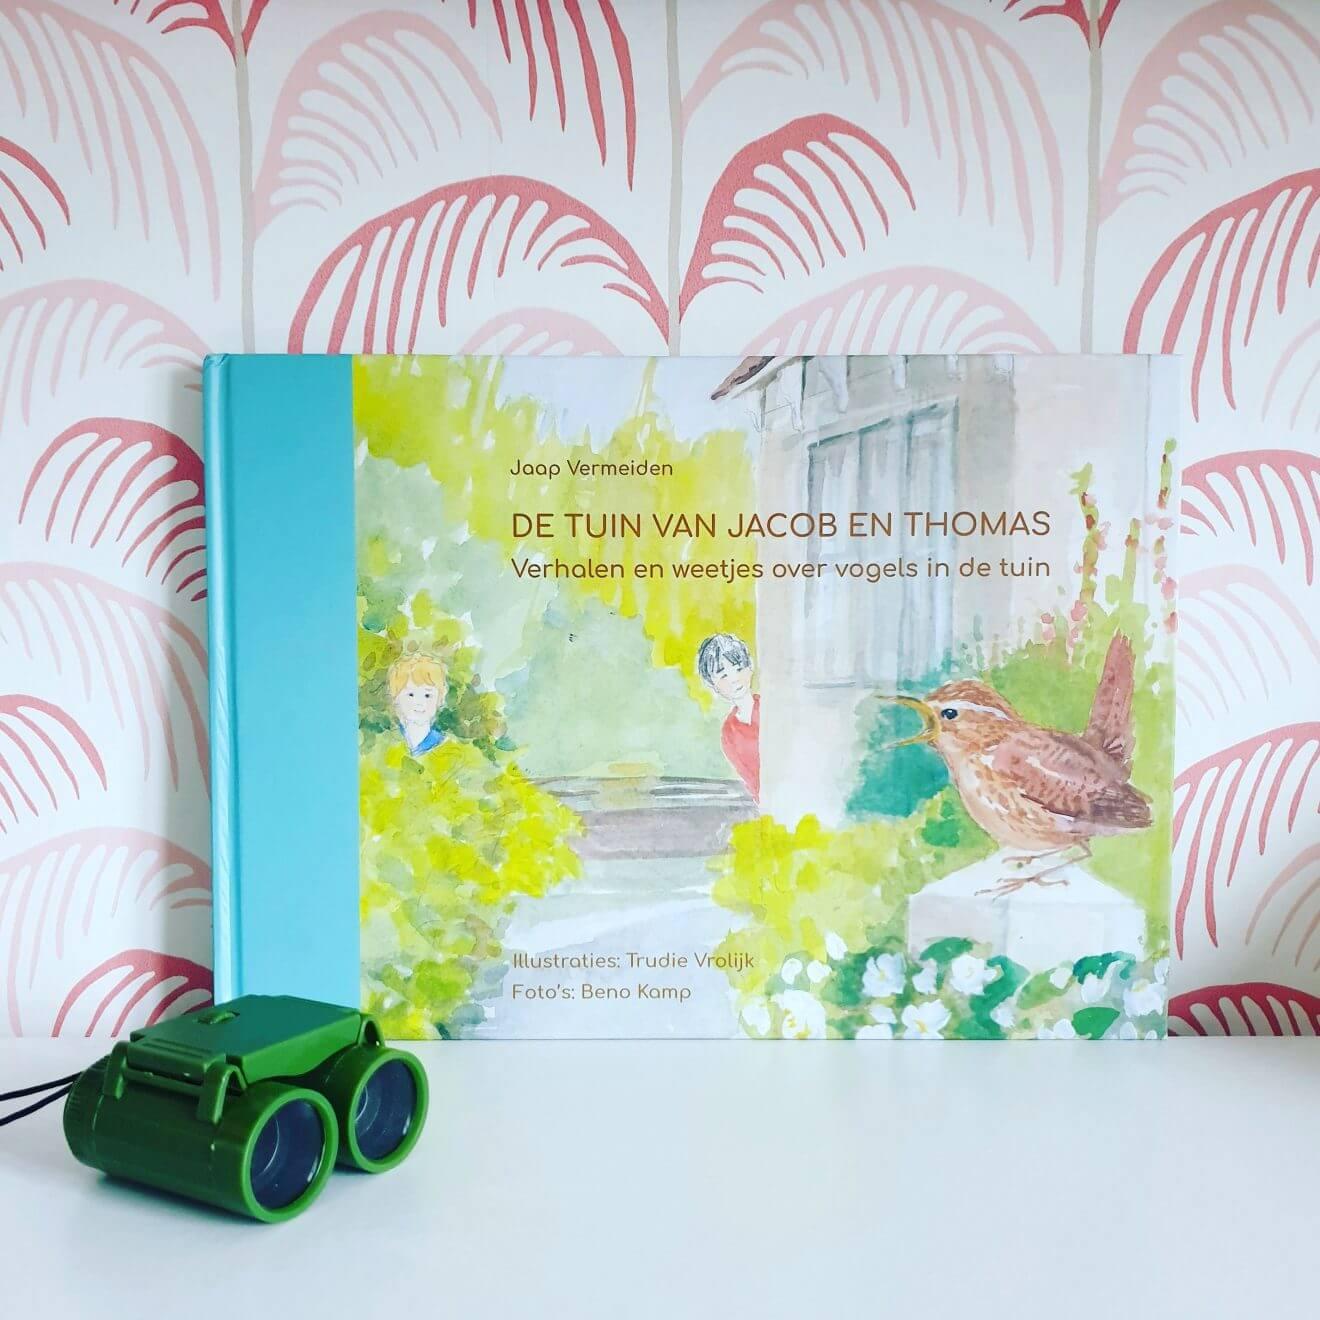 Boek om kinderen te leren over vogels: De tuin van Jacob en Thomas